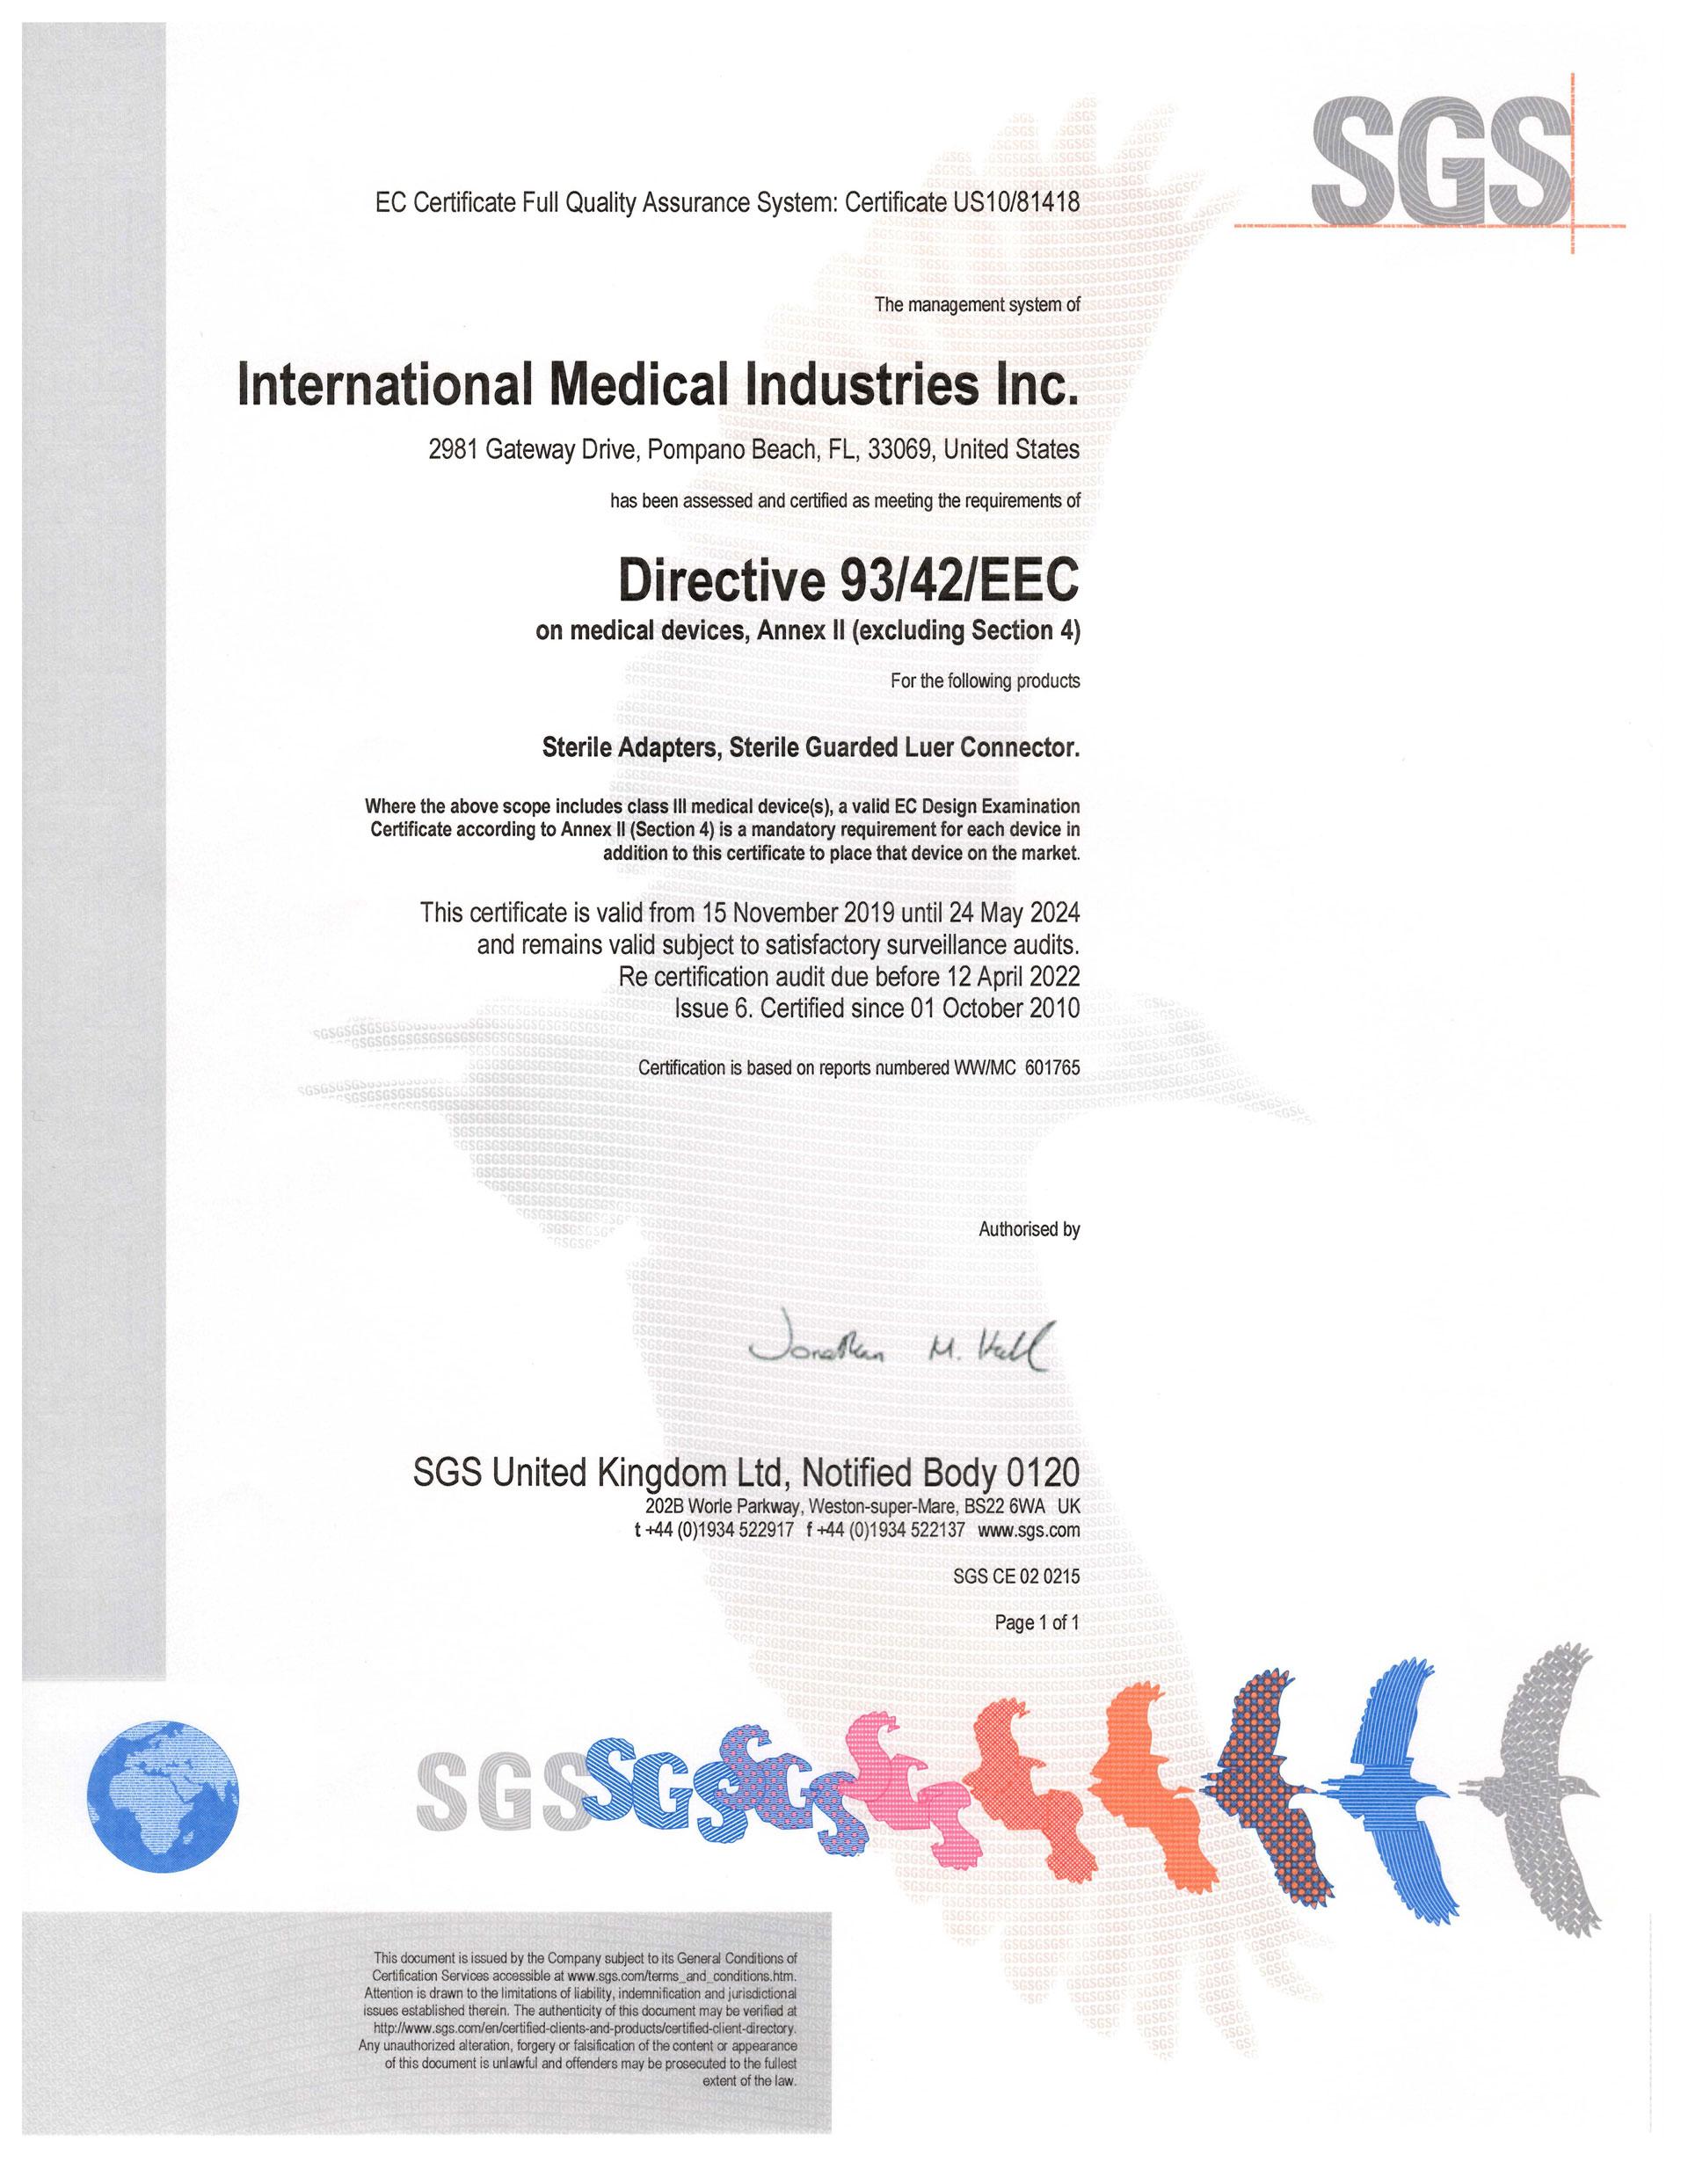 IMI - EC Certificate Annex II